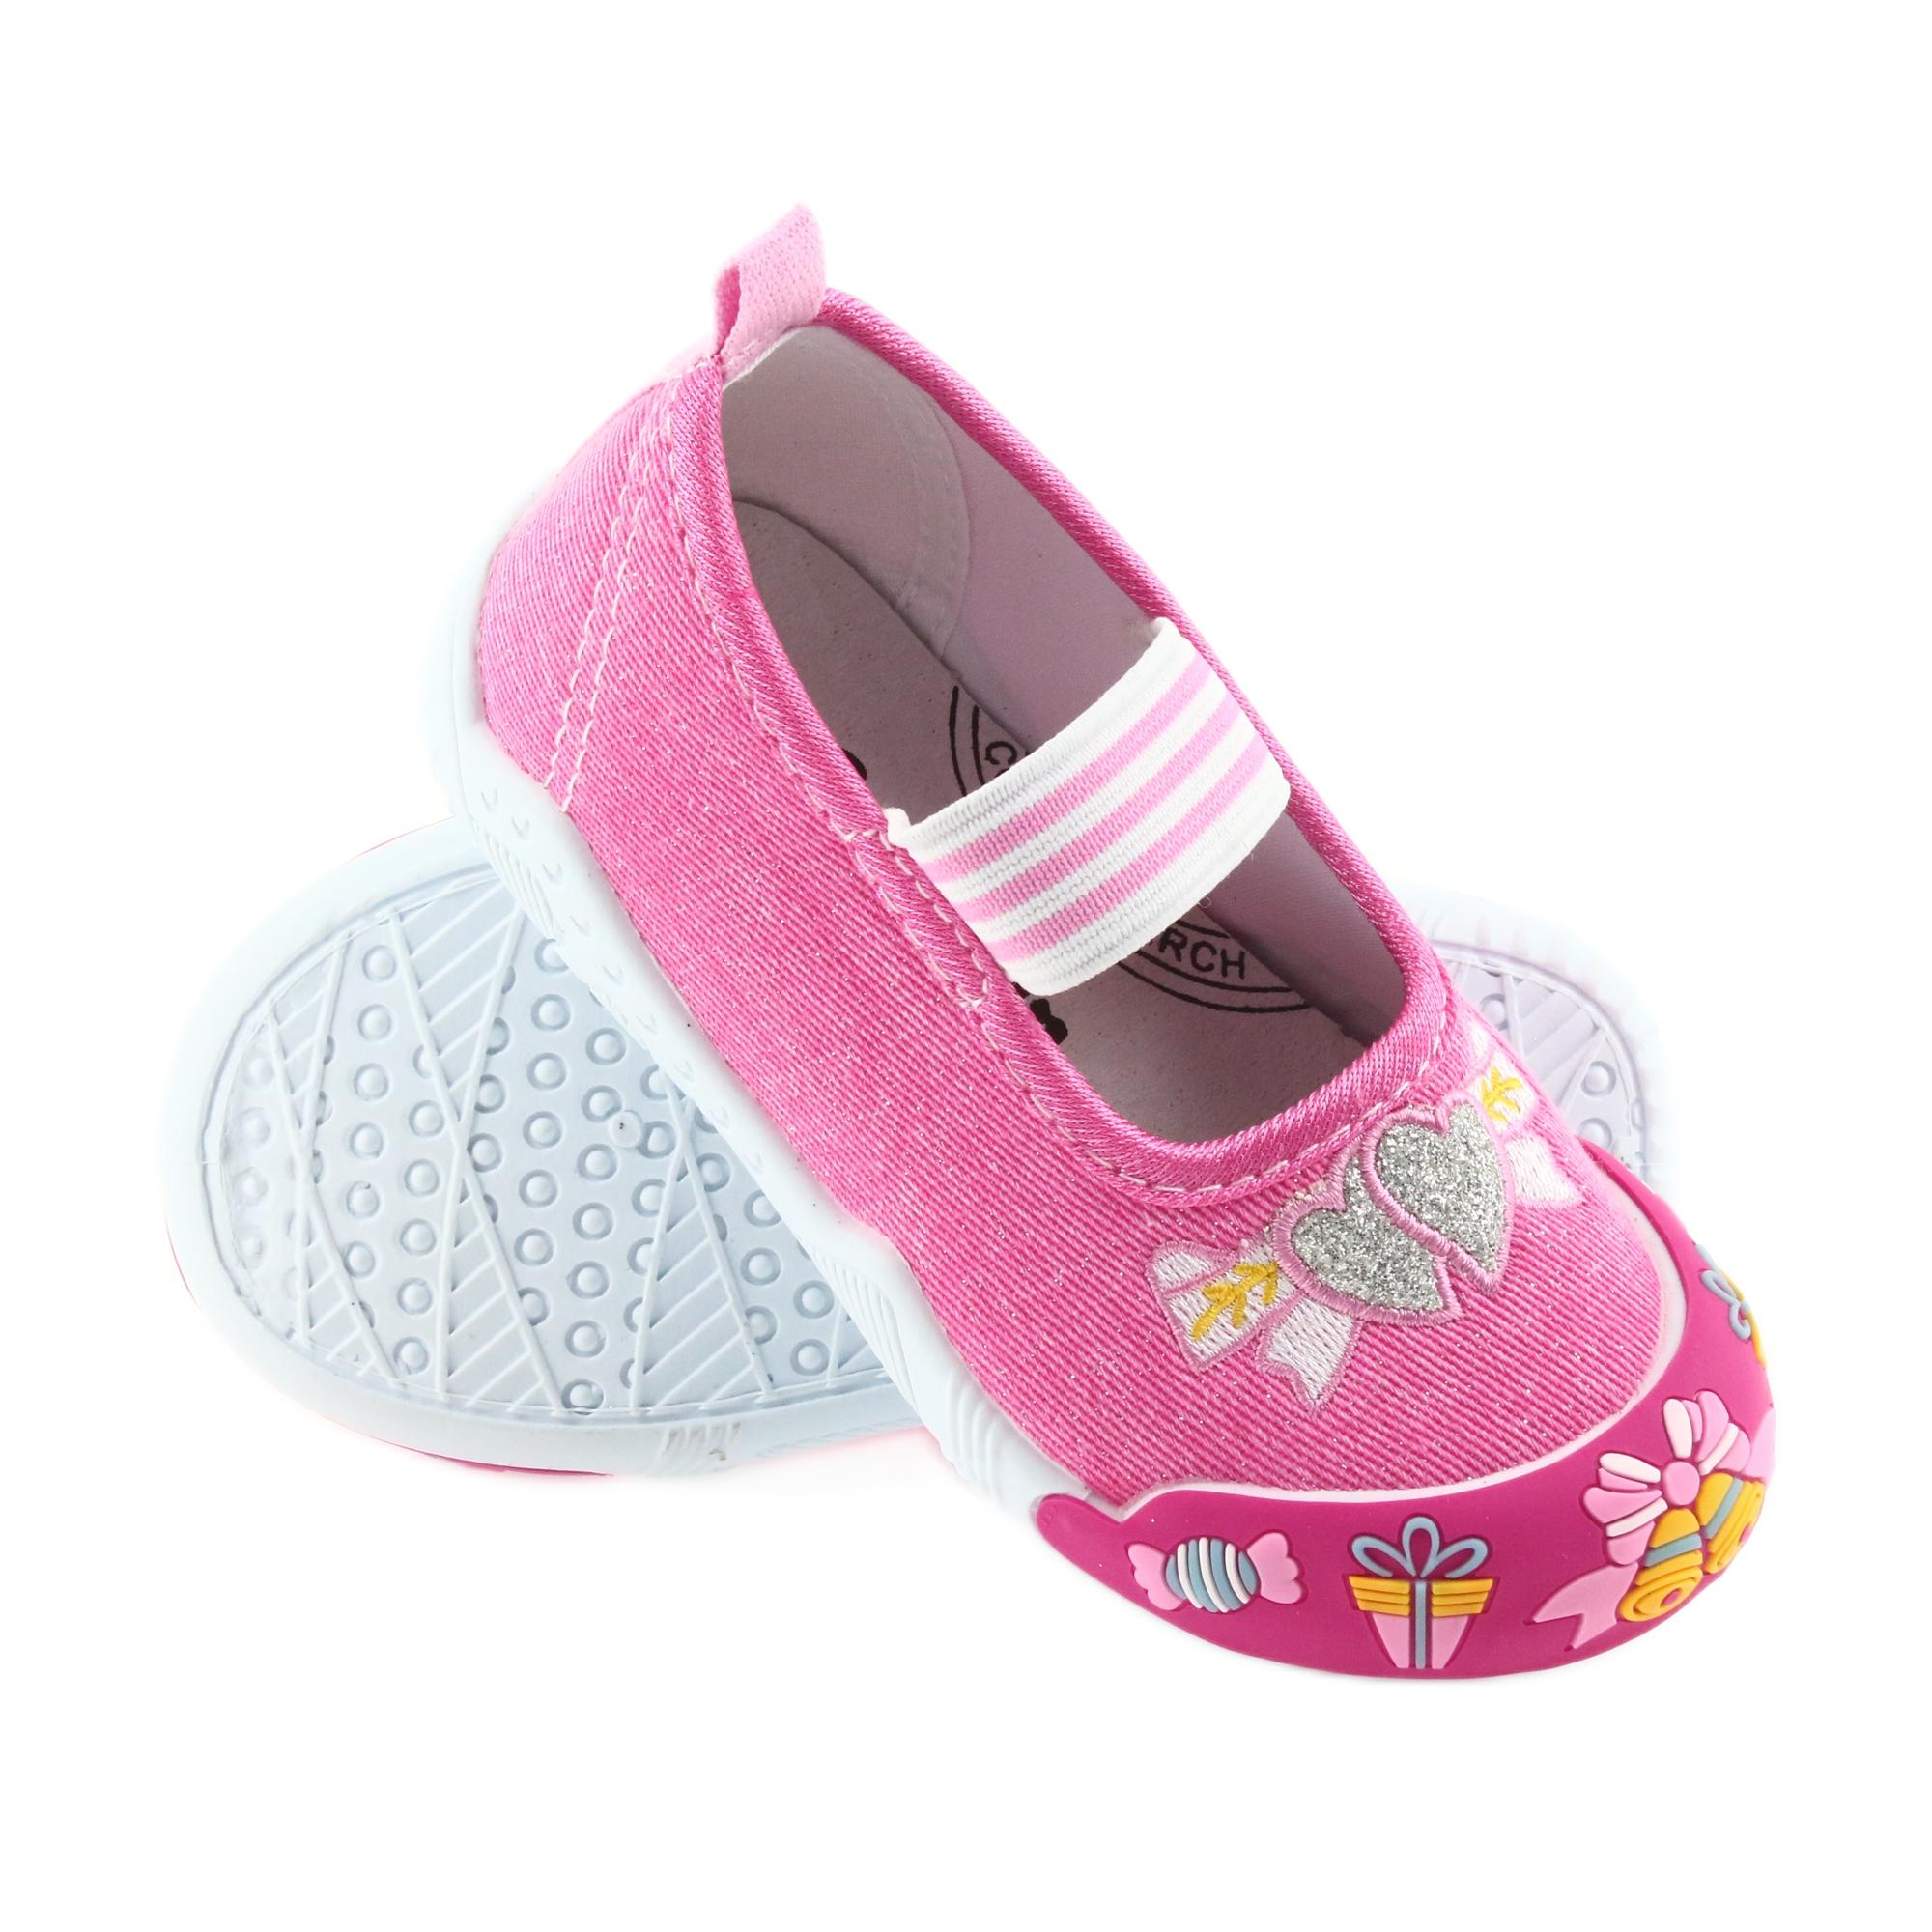 meet 39016 02e1a American Club rosa Scarpe da ginnastica americane per bambini su un  sottopiede in pelle elastica